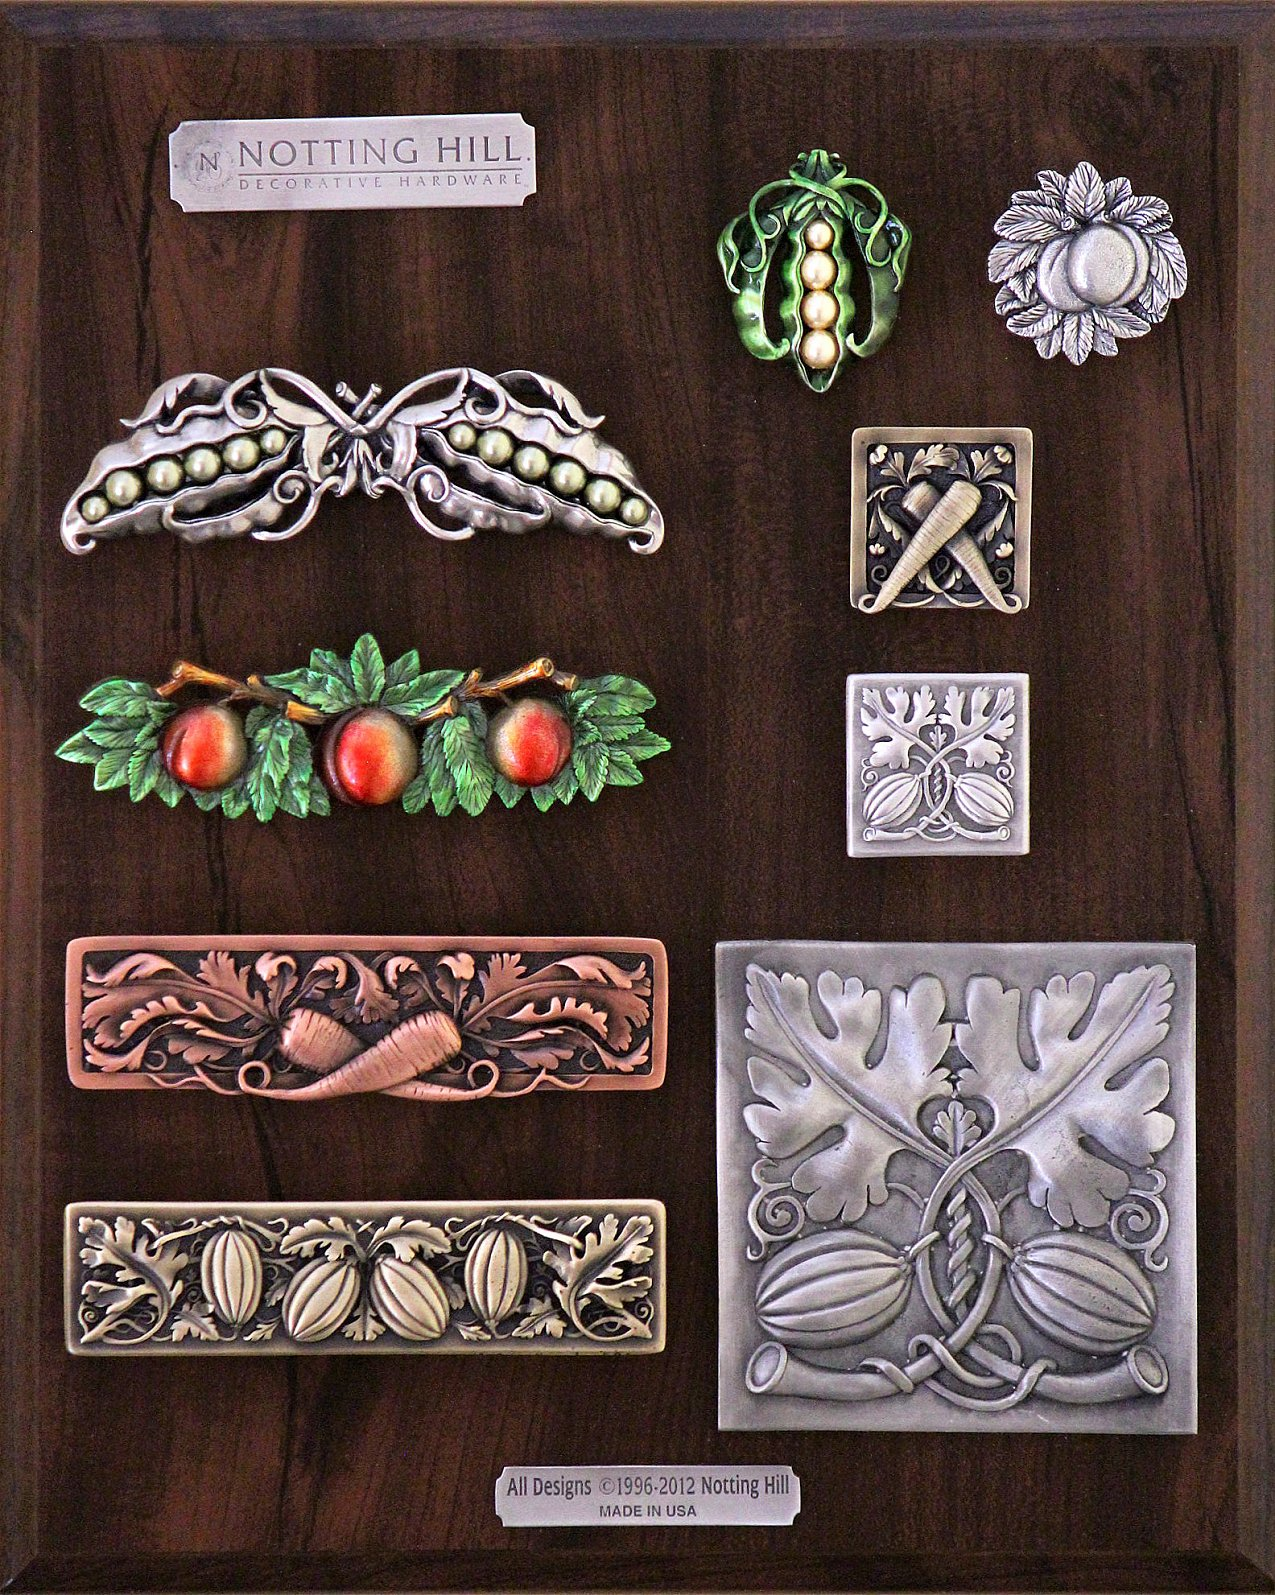 Pearly Peapod Pull & Knob; Georgia Peach Knob; Leafy Carrot Knob; Georgia Peach Pull; Autumn Squash Knob; Leafy Carrot Pull; Autumn Squash Pull; Autumn Squash Tile.